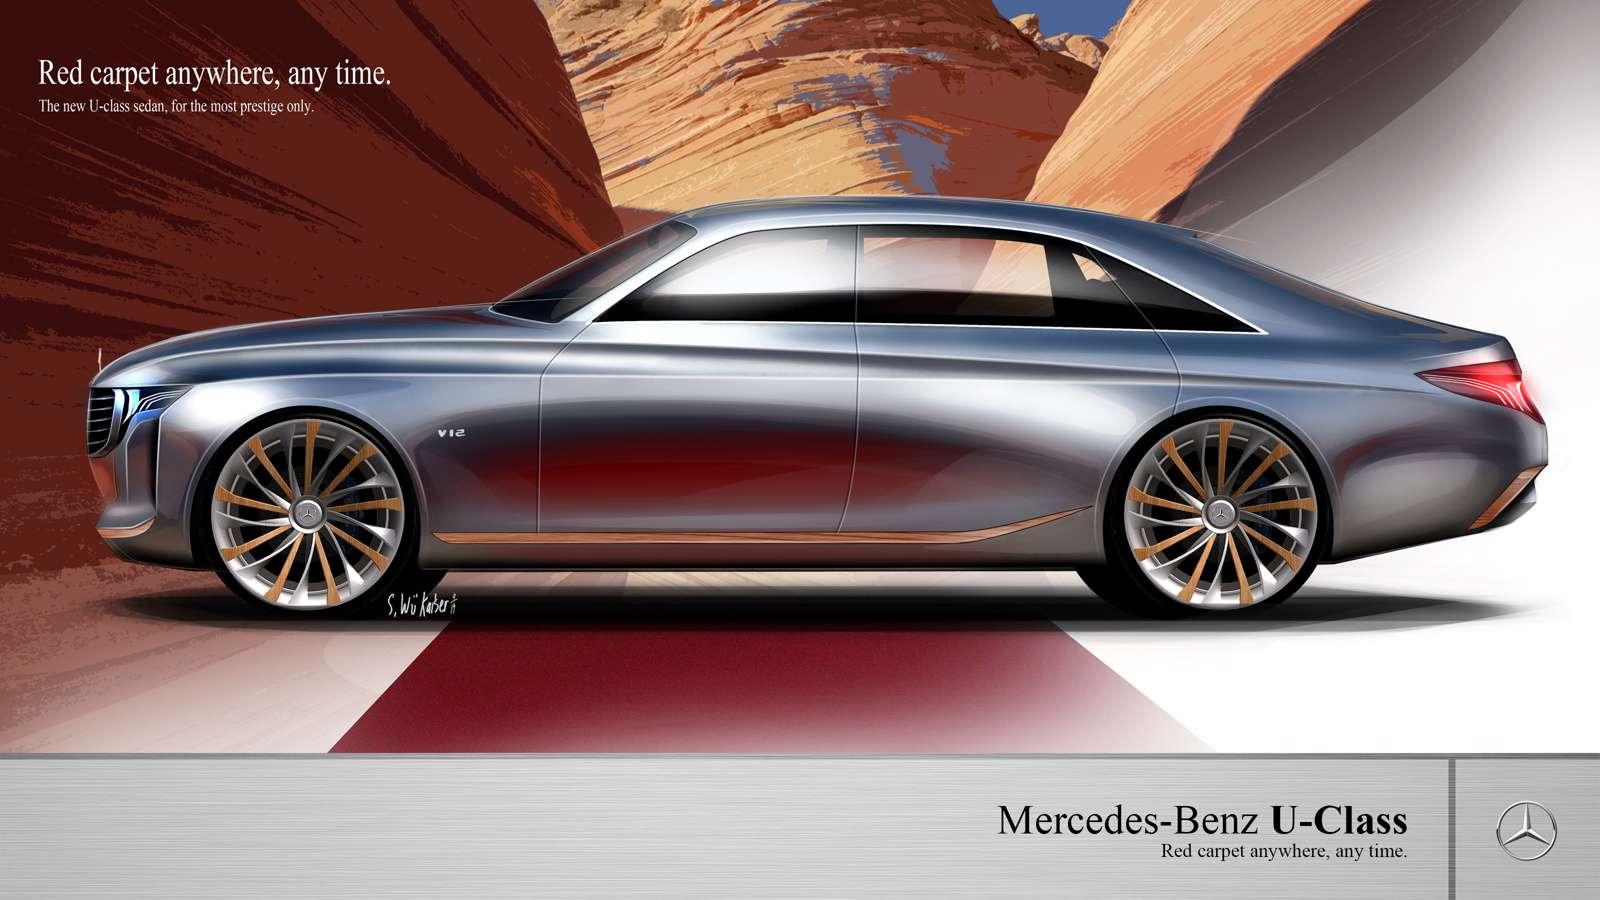 Mercedes Benz U-class Foto: Mercedes Benz